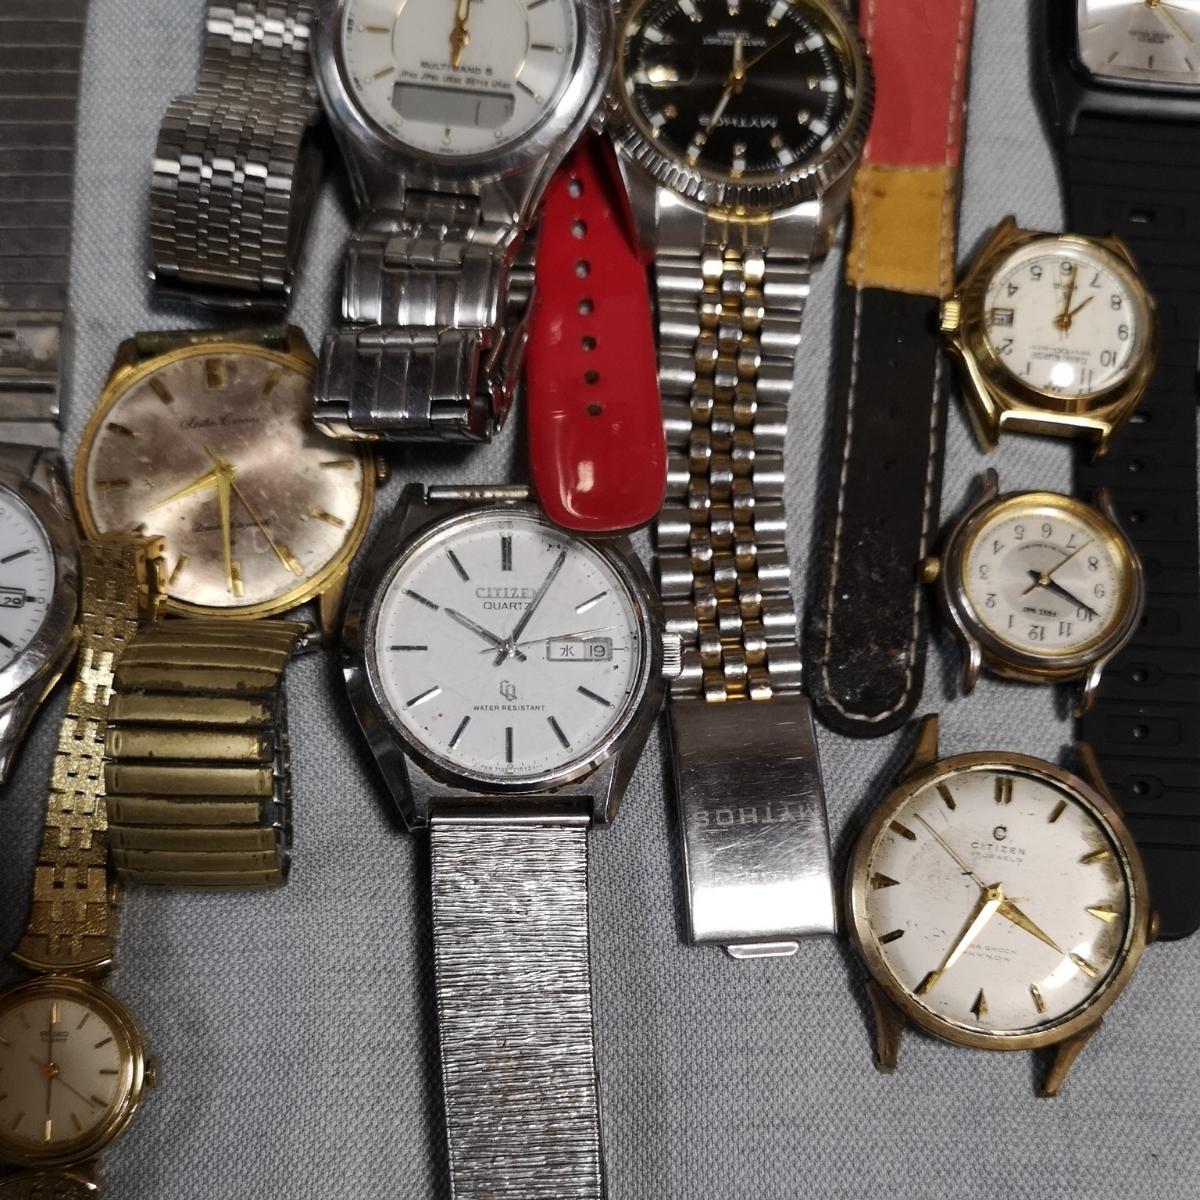 腕時計 大量 50個 SEIKO CITIZEN カシオ クォーツ 手巻 懐中時計 銀時計 ジャンク_画像4